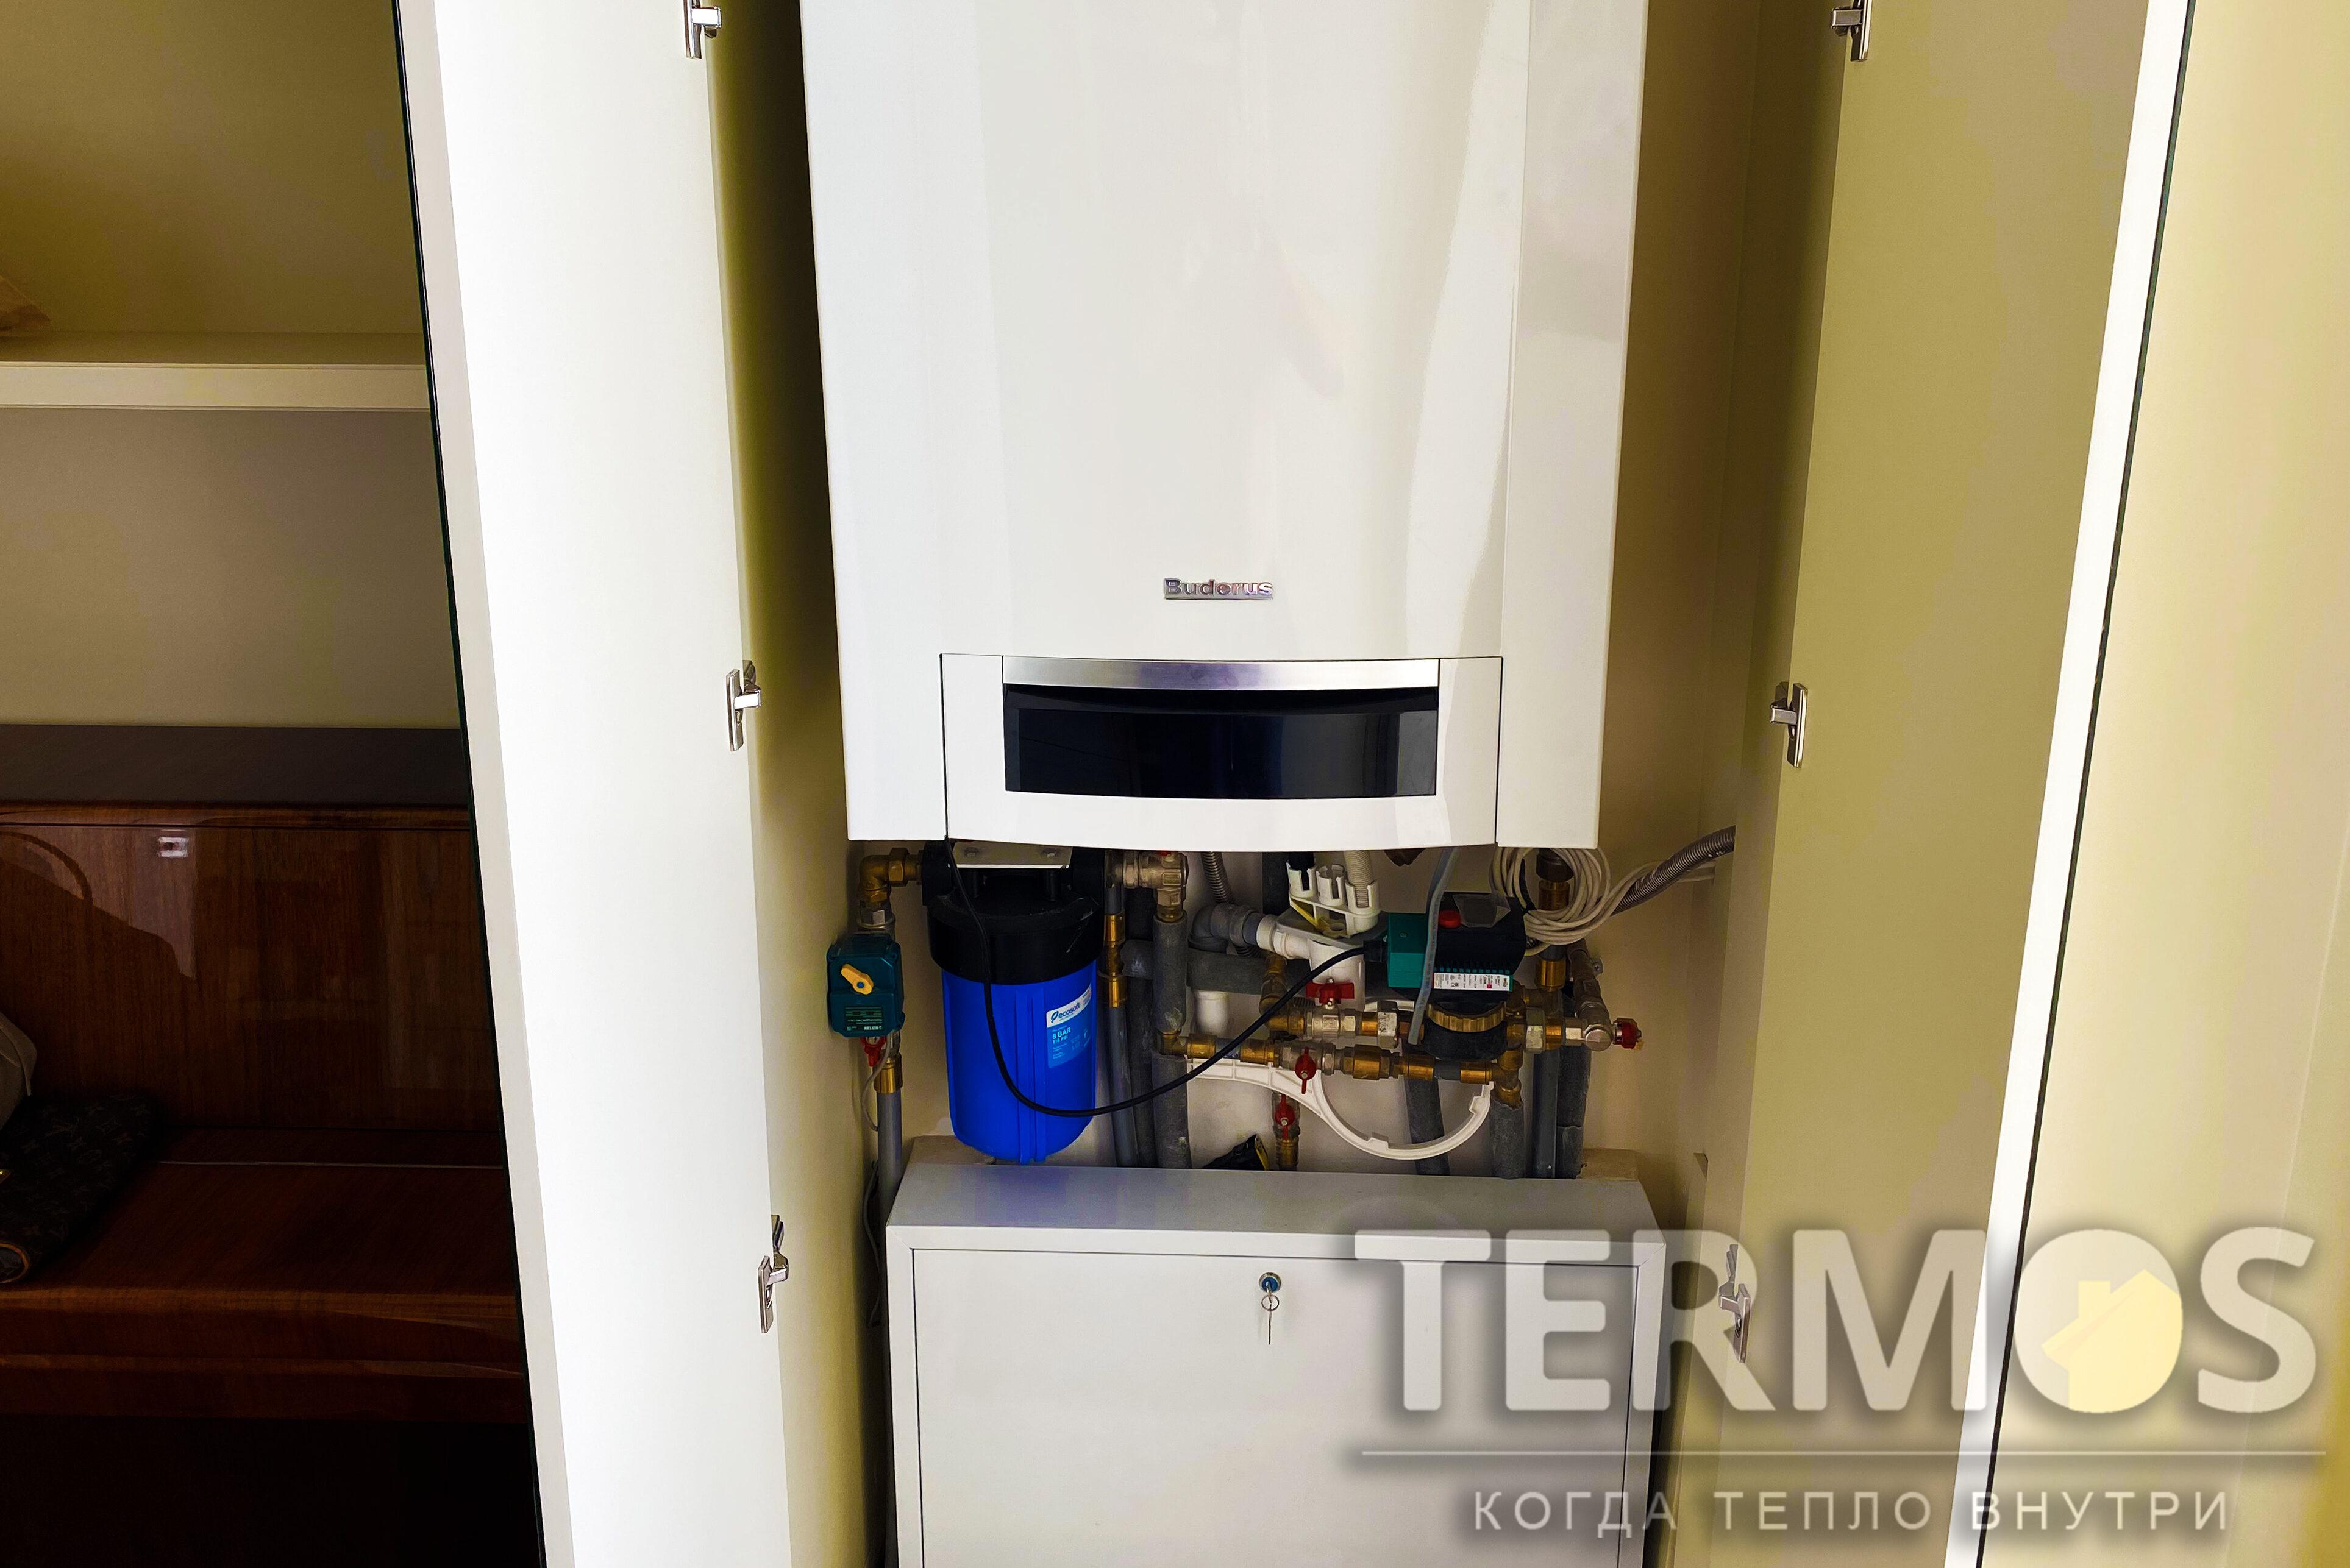 Газовый конденсационный котел Logamax plus GB172 T50, с мощностью на горячую воду 30 кВт, с номинальным коэффициентом использования 109%